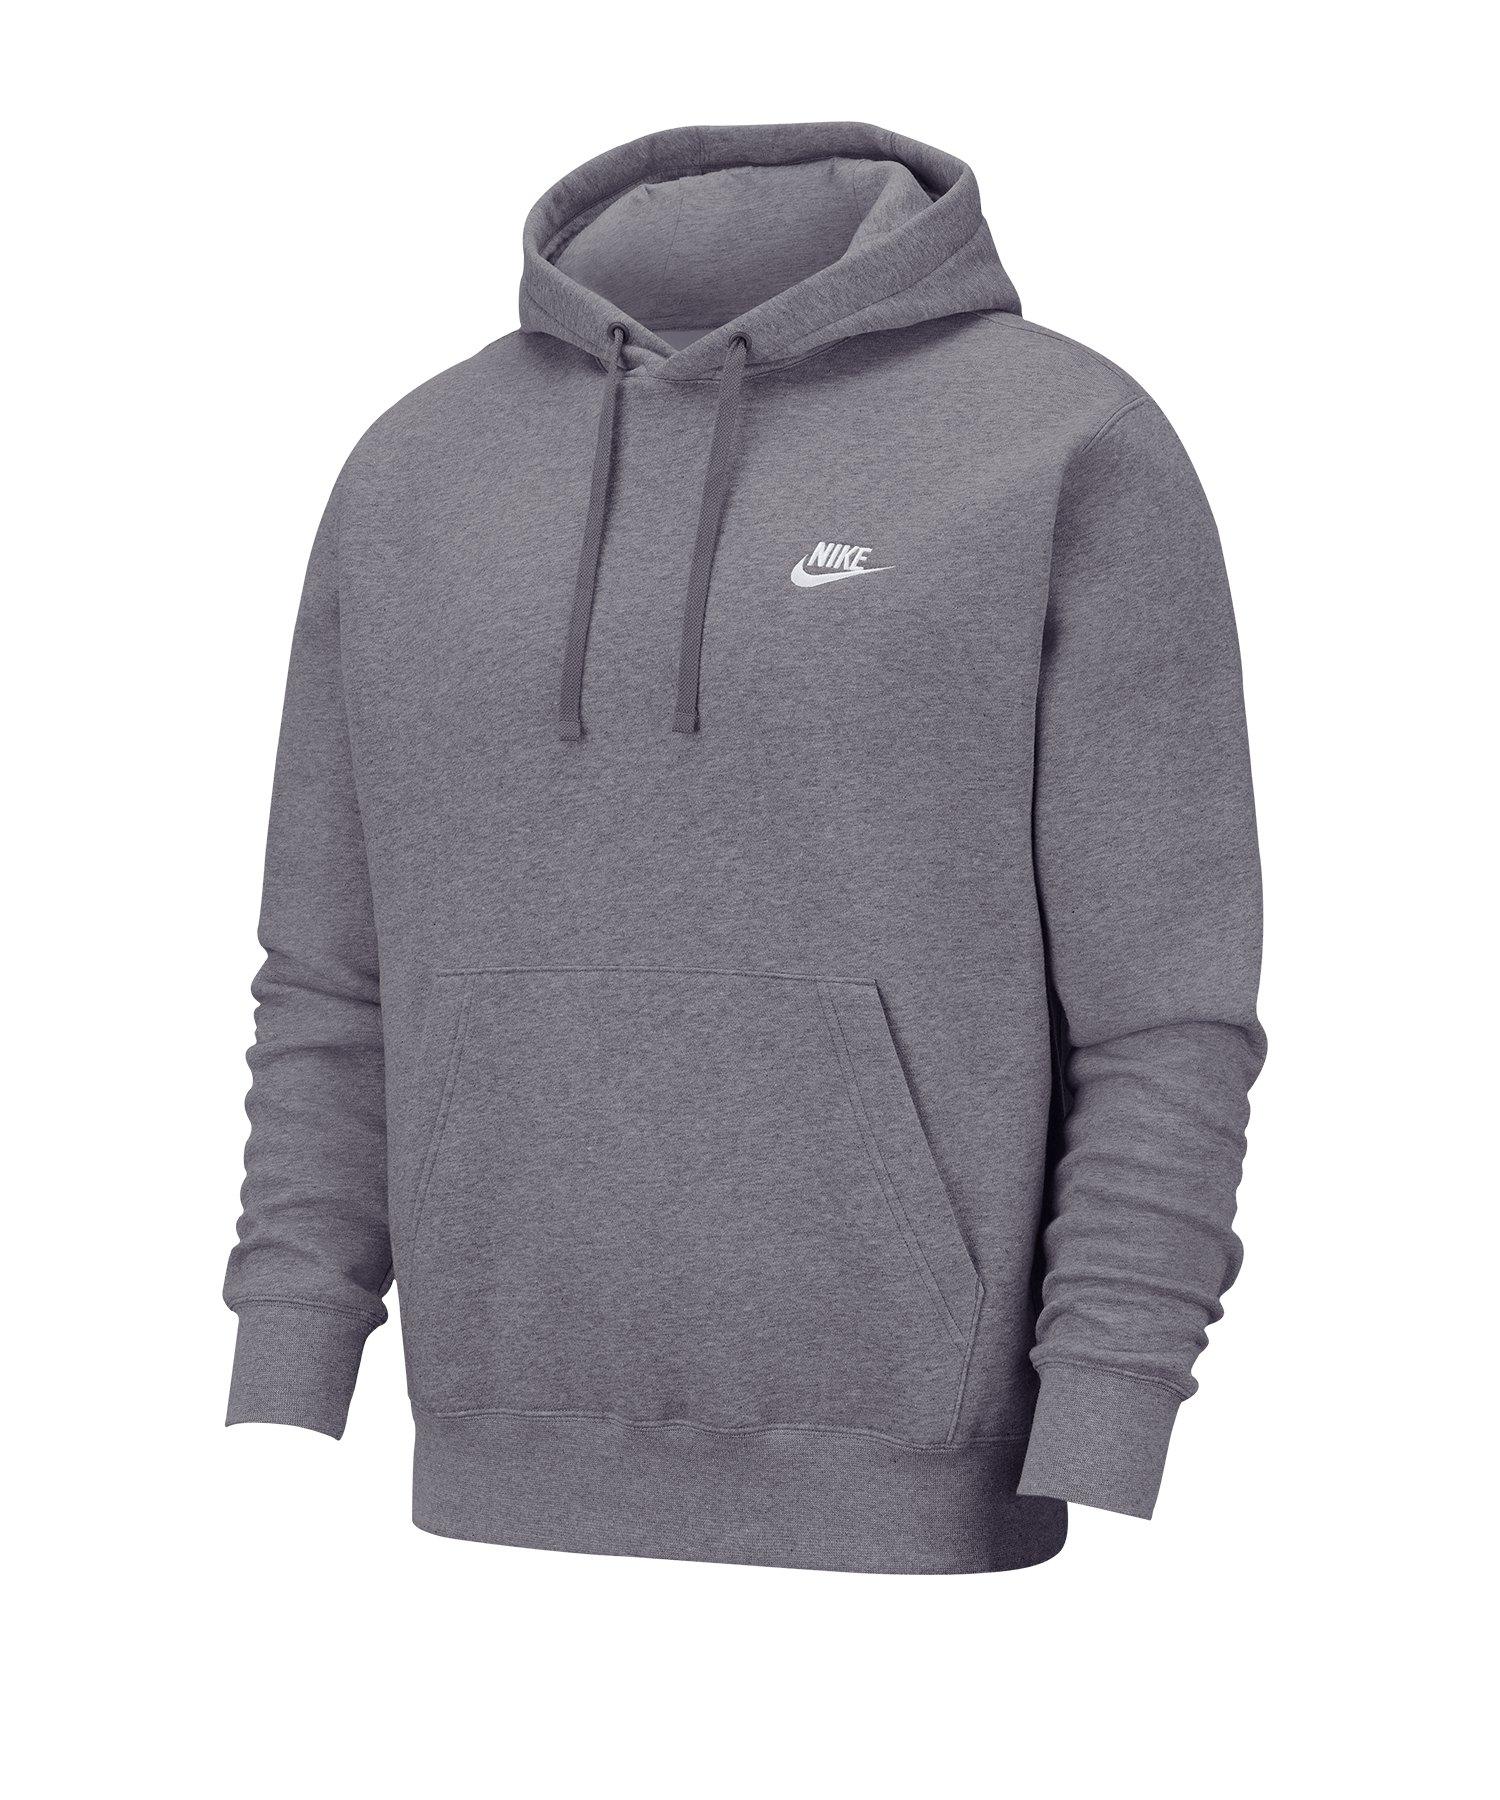 Nike Club Fleece Hoody Grau F071 - grau